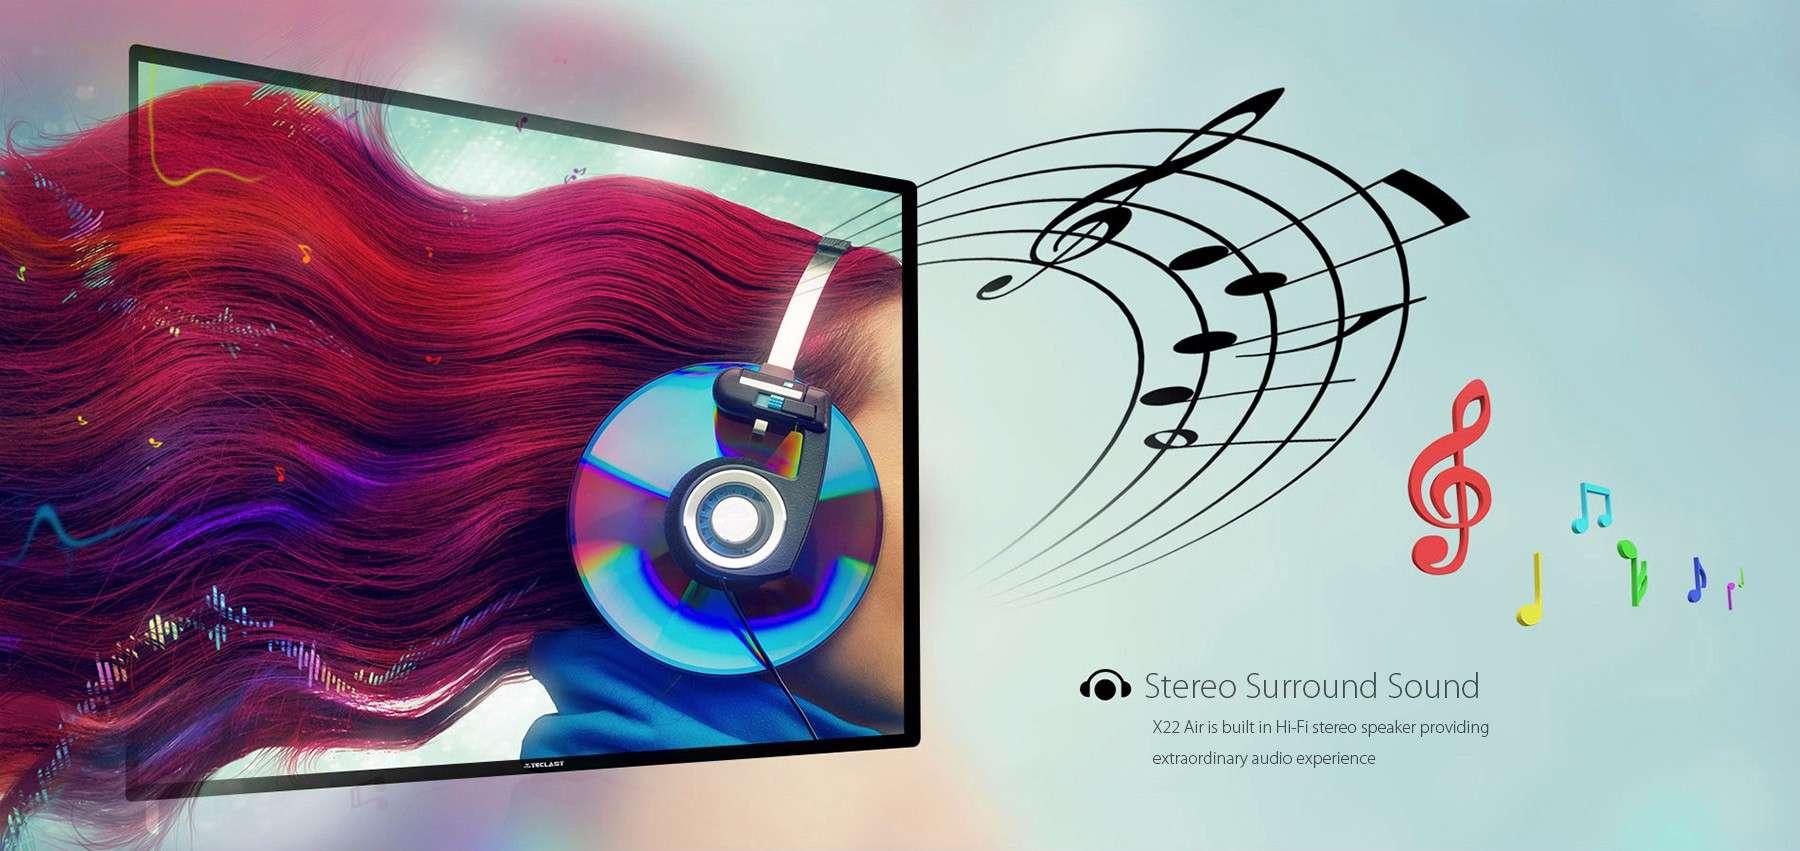 teclast-x22-air-music